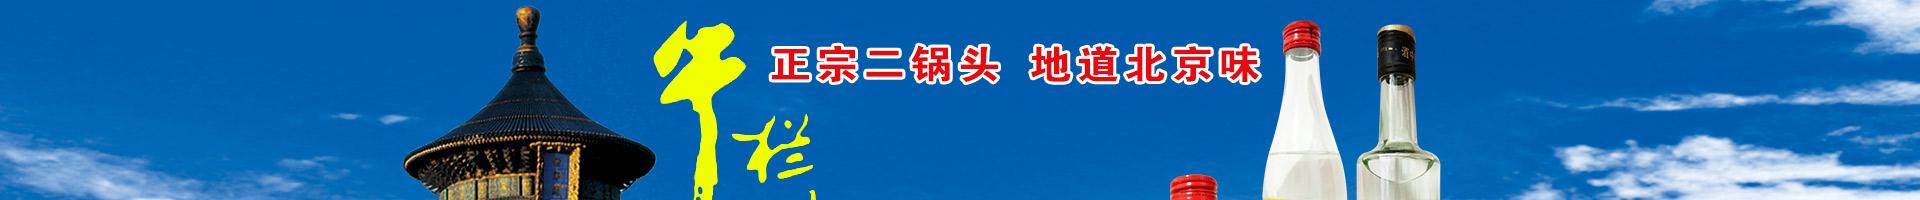 北京午栏山庄酒业有限公司